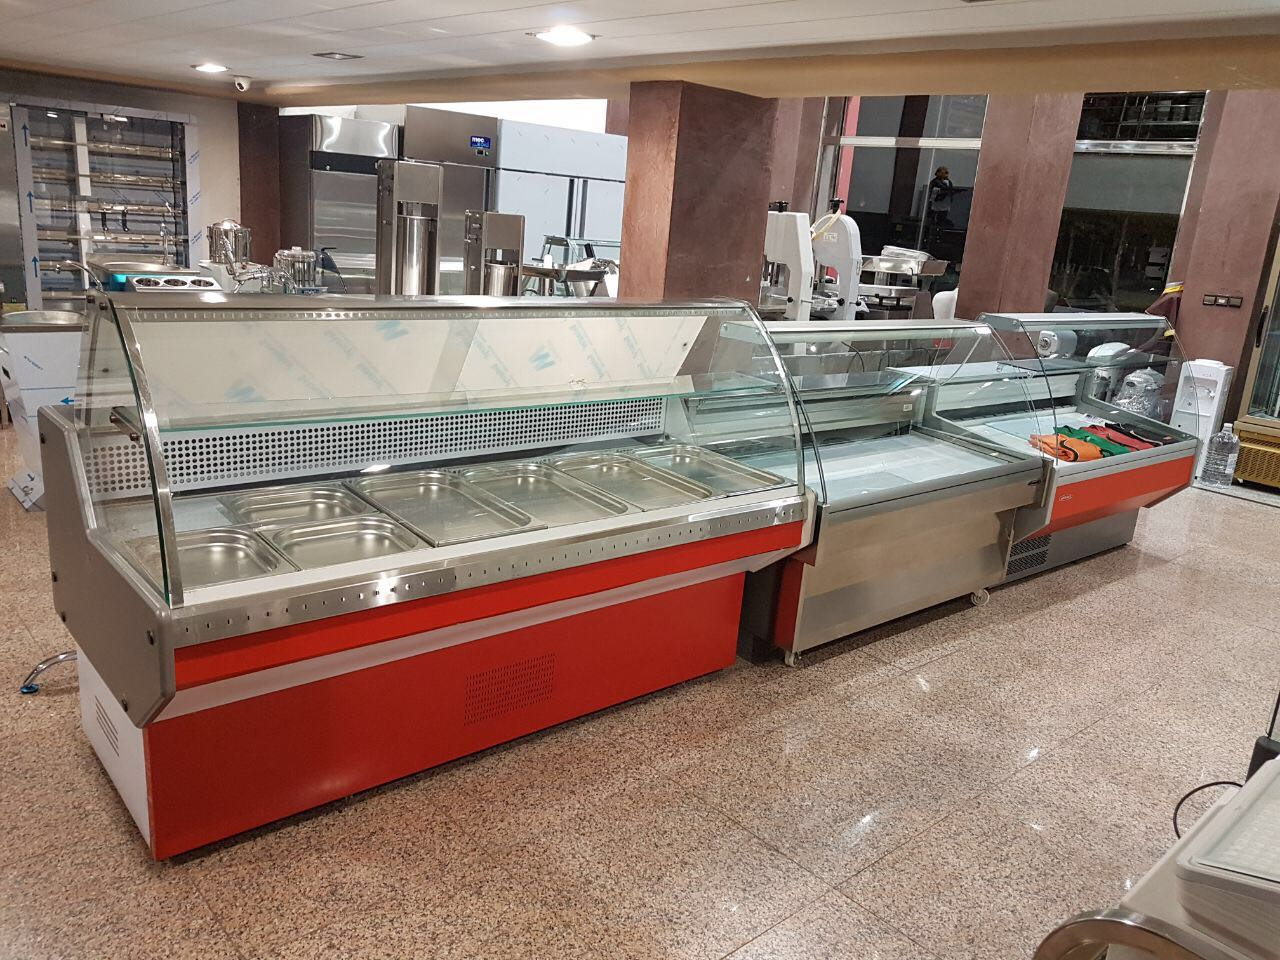 Boulangerie maroc cuisine pro for Chr materiel cuisine